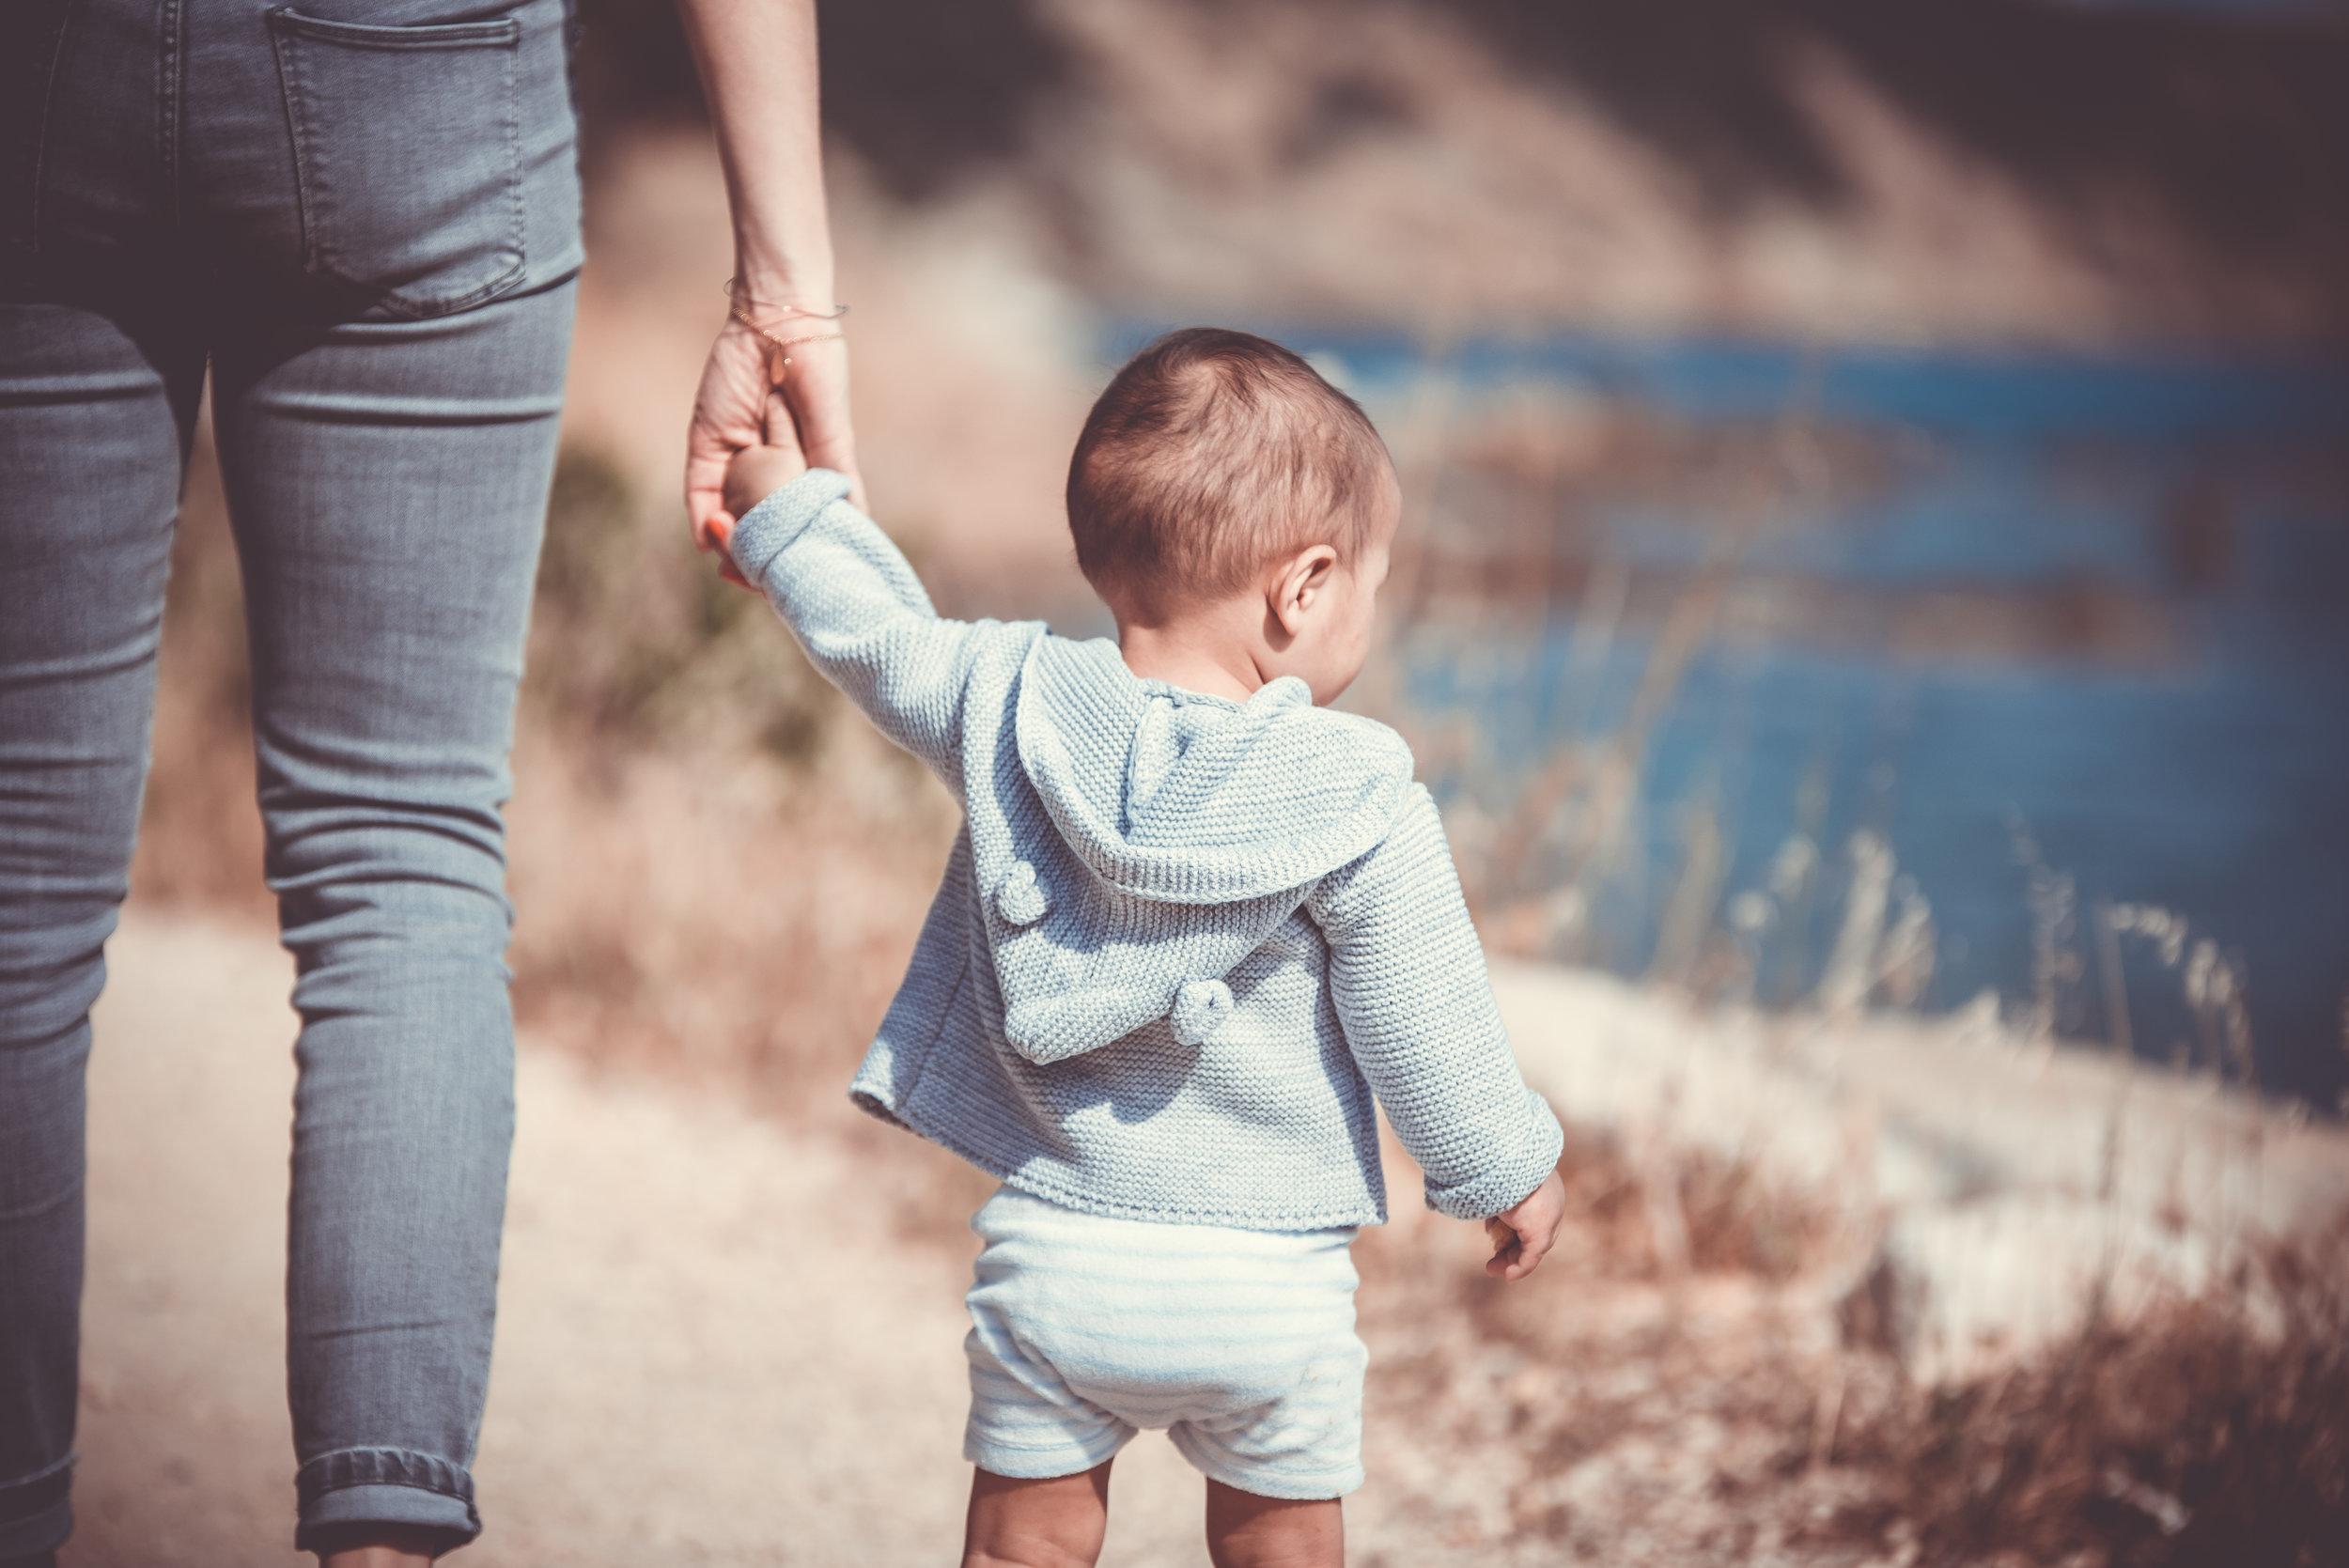 Los niños pequeño deben permanecer acompañados en todo momento.